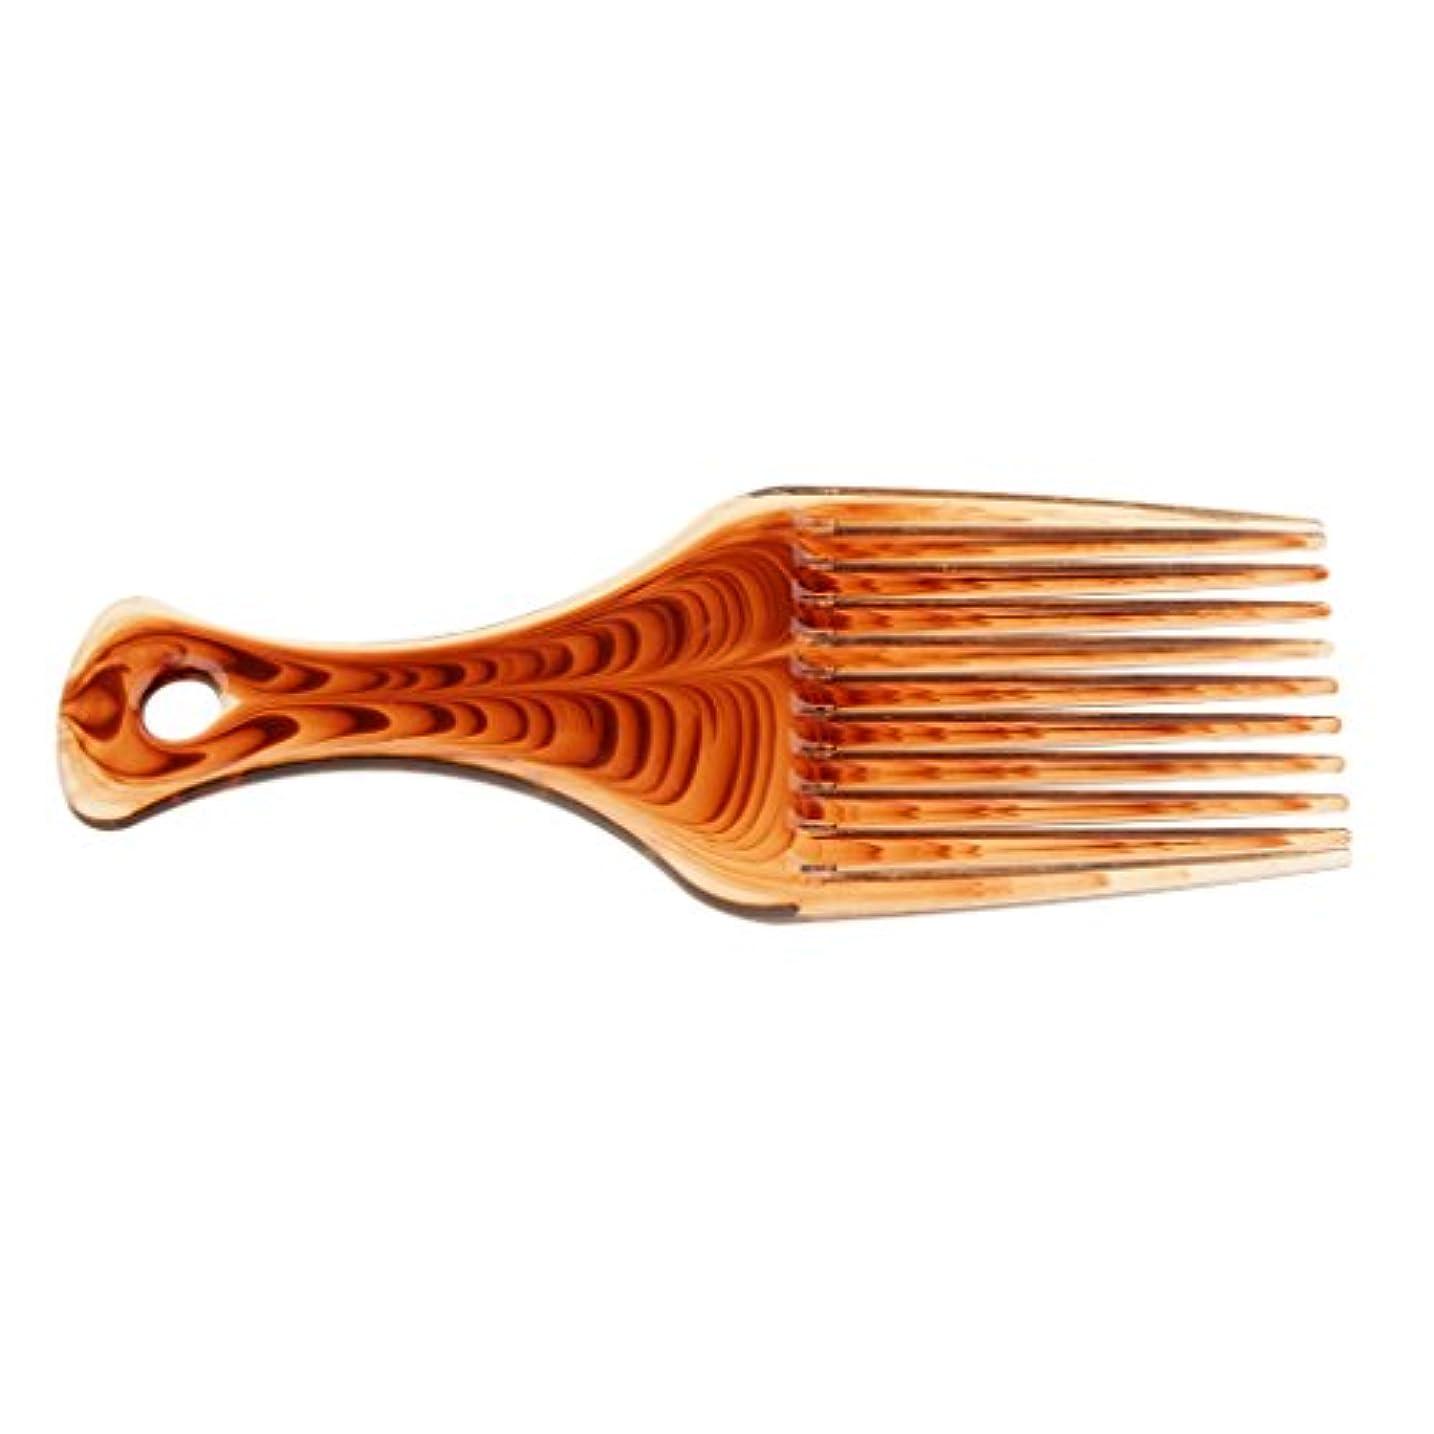 ルーキー公爵債務Blesiya ヘアブラシ 髪の櫛 アフロ 櫛 プロ 実用的 ヘアスタイリング 持ち上げ ヘアブラシ